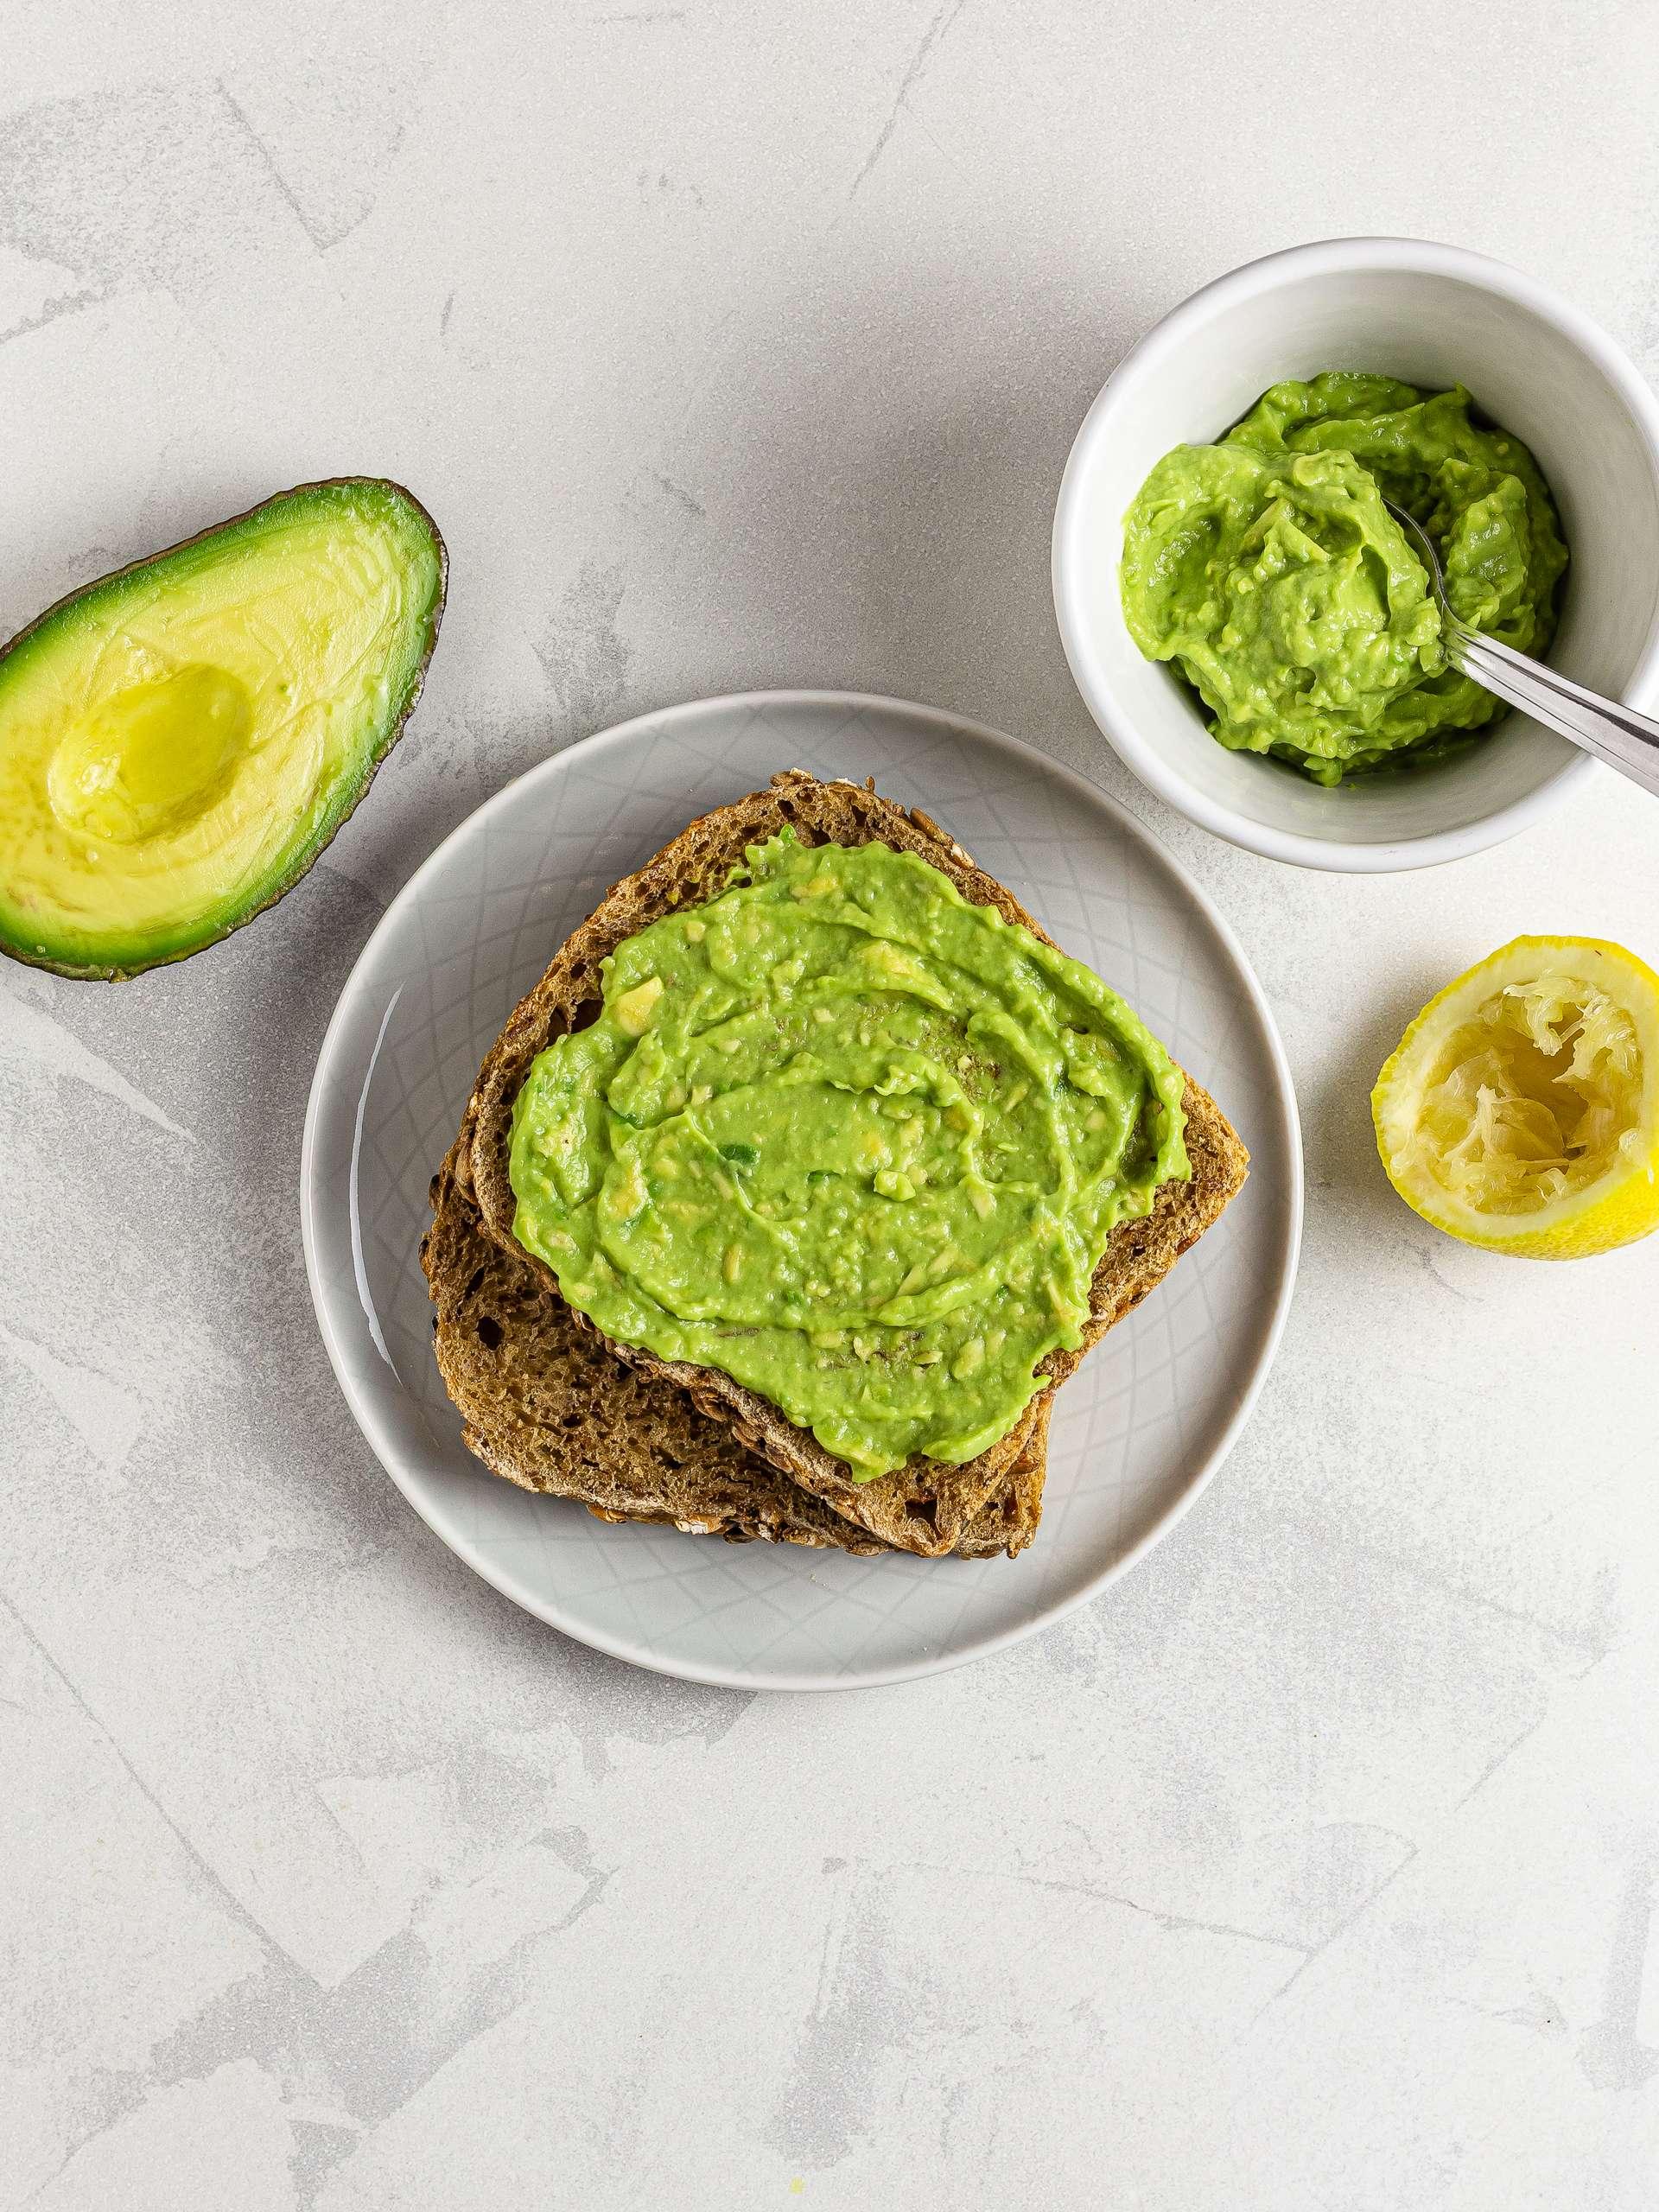 Sourdough toast with avocado puree